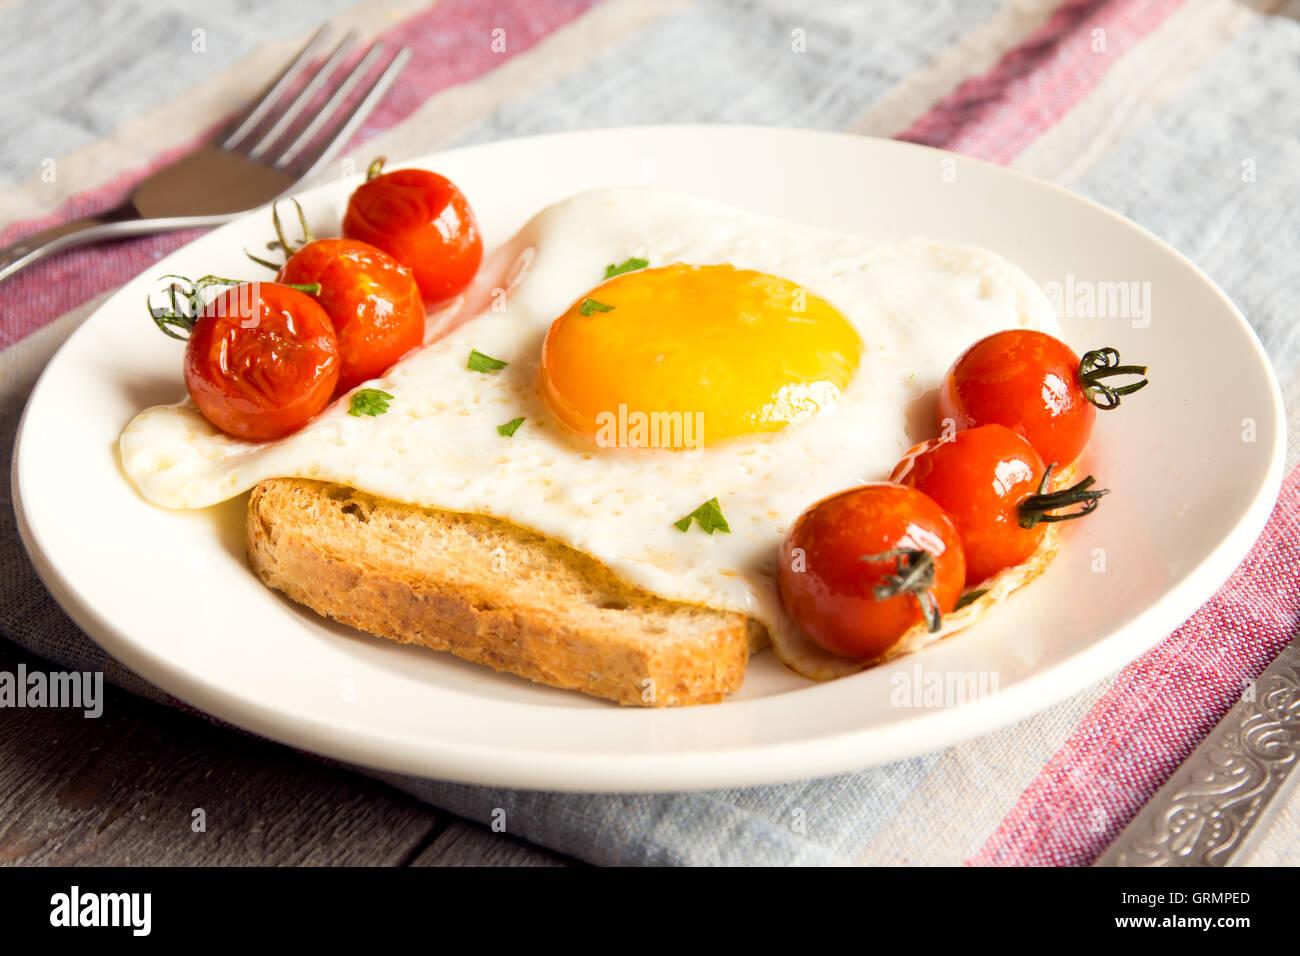 Uovo fritto sul pane e pomodori fritti per la colazione sulla piastra e tavolo rustico Immagini Stock